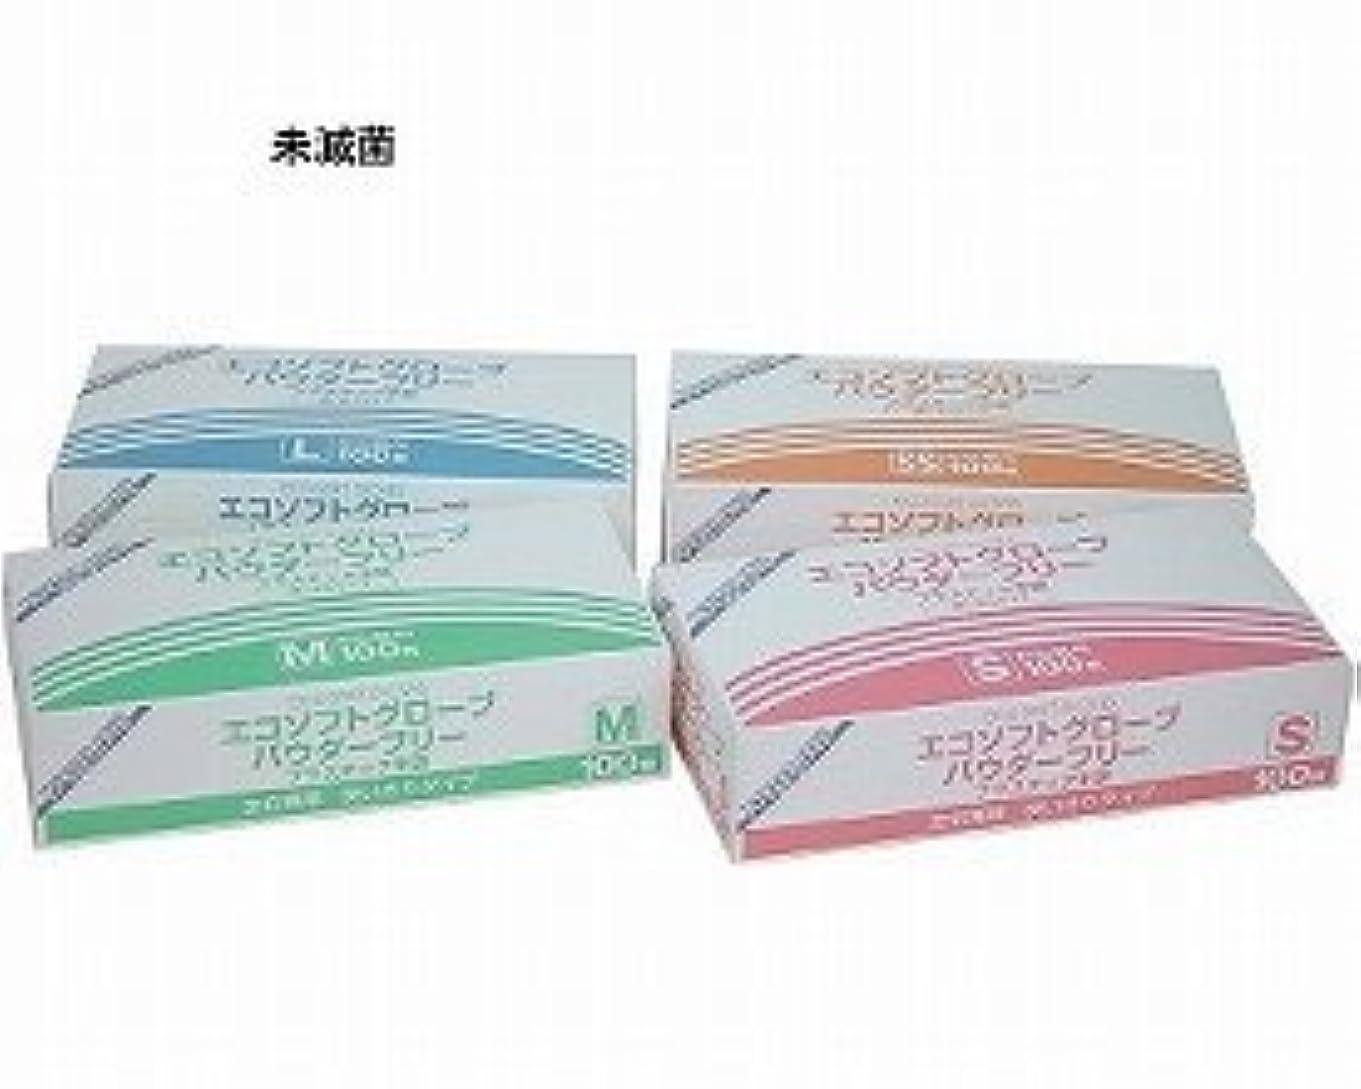 手数料専制楽観エコソフトグローブ パウダーフリー OM-370 100枚×20箱 Lサイズ (L)